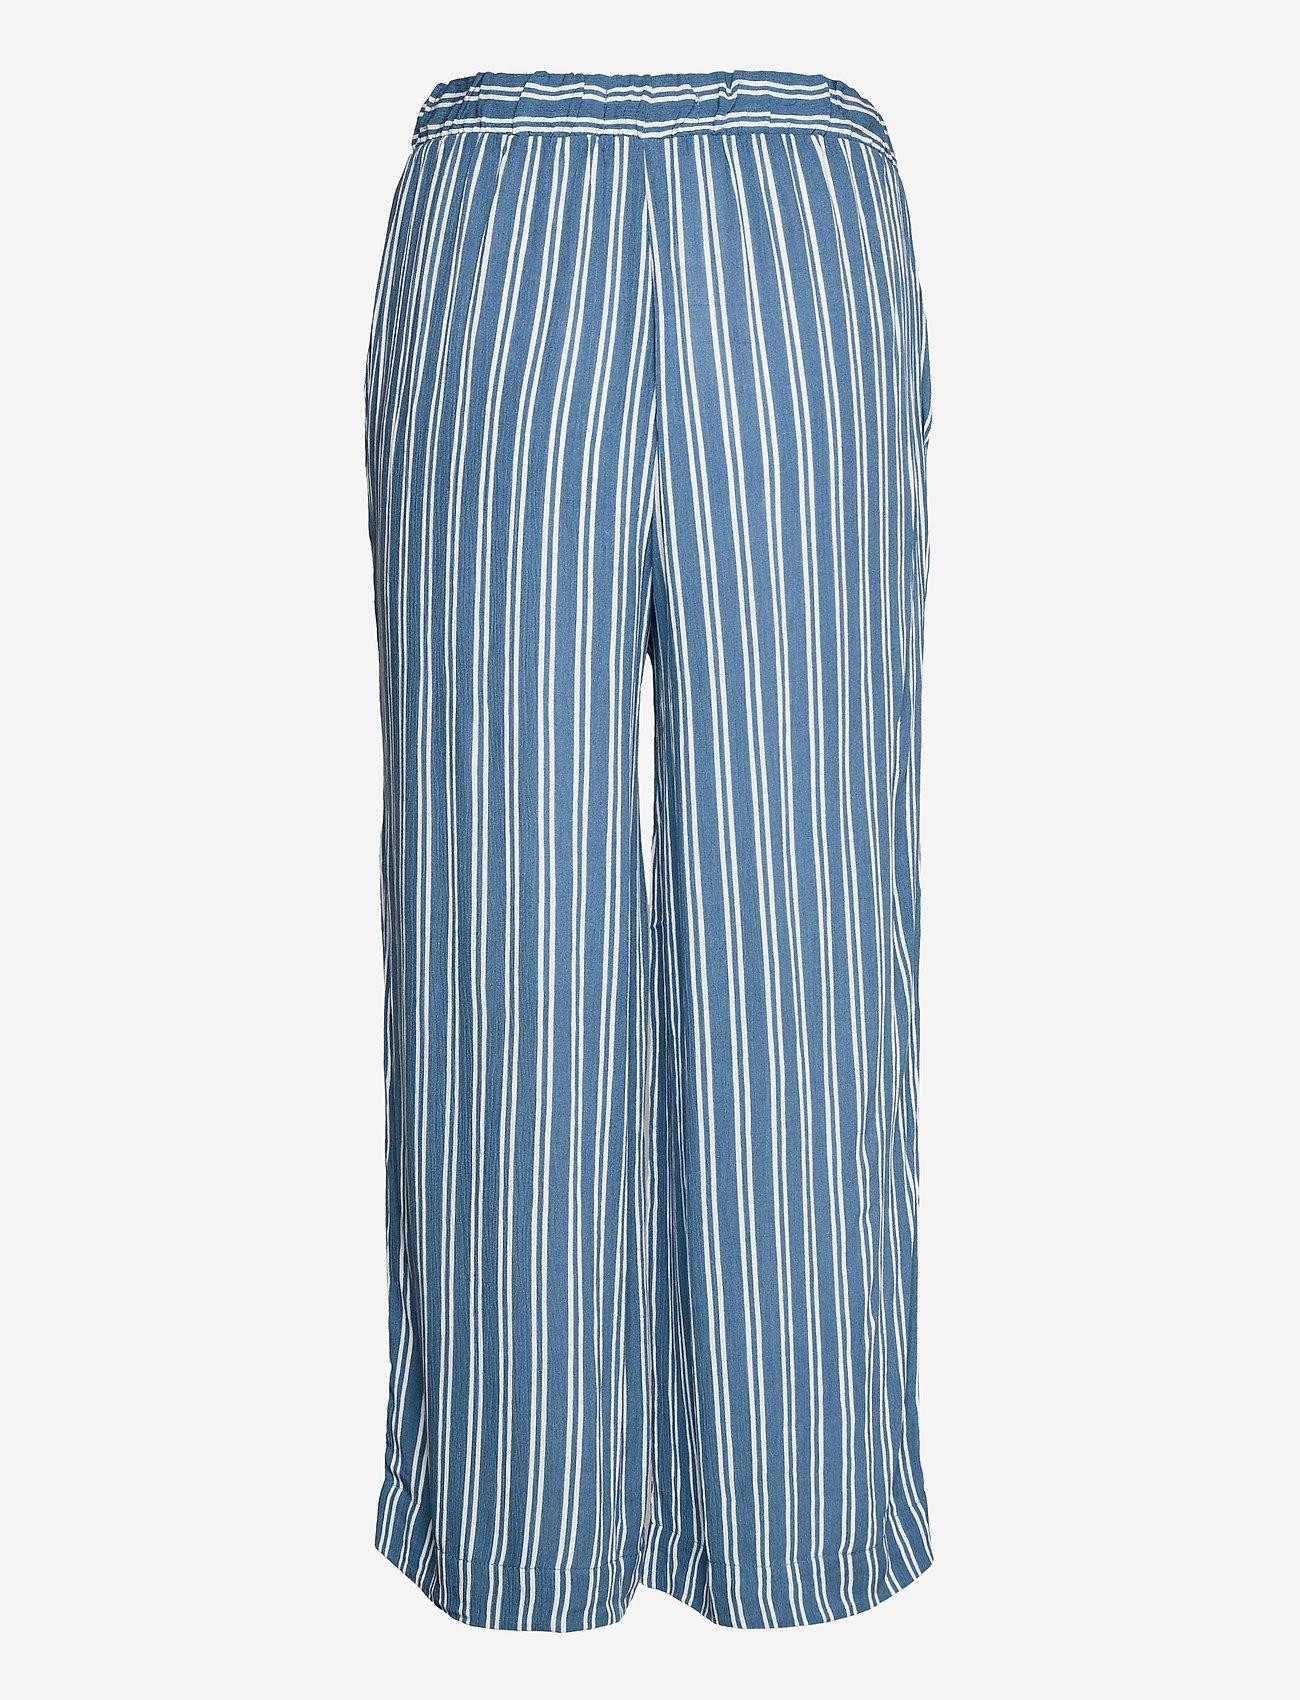 ICHI - IHMARRAKECH AOP PA - casual trousers - coronet blue - 1